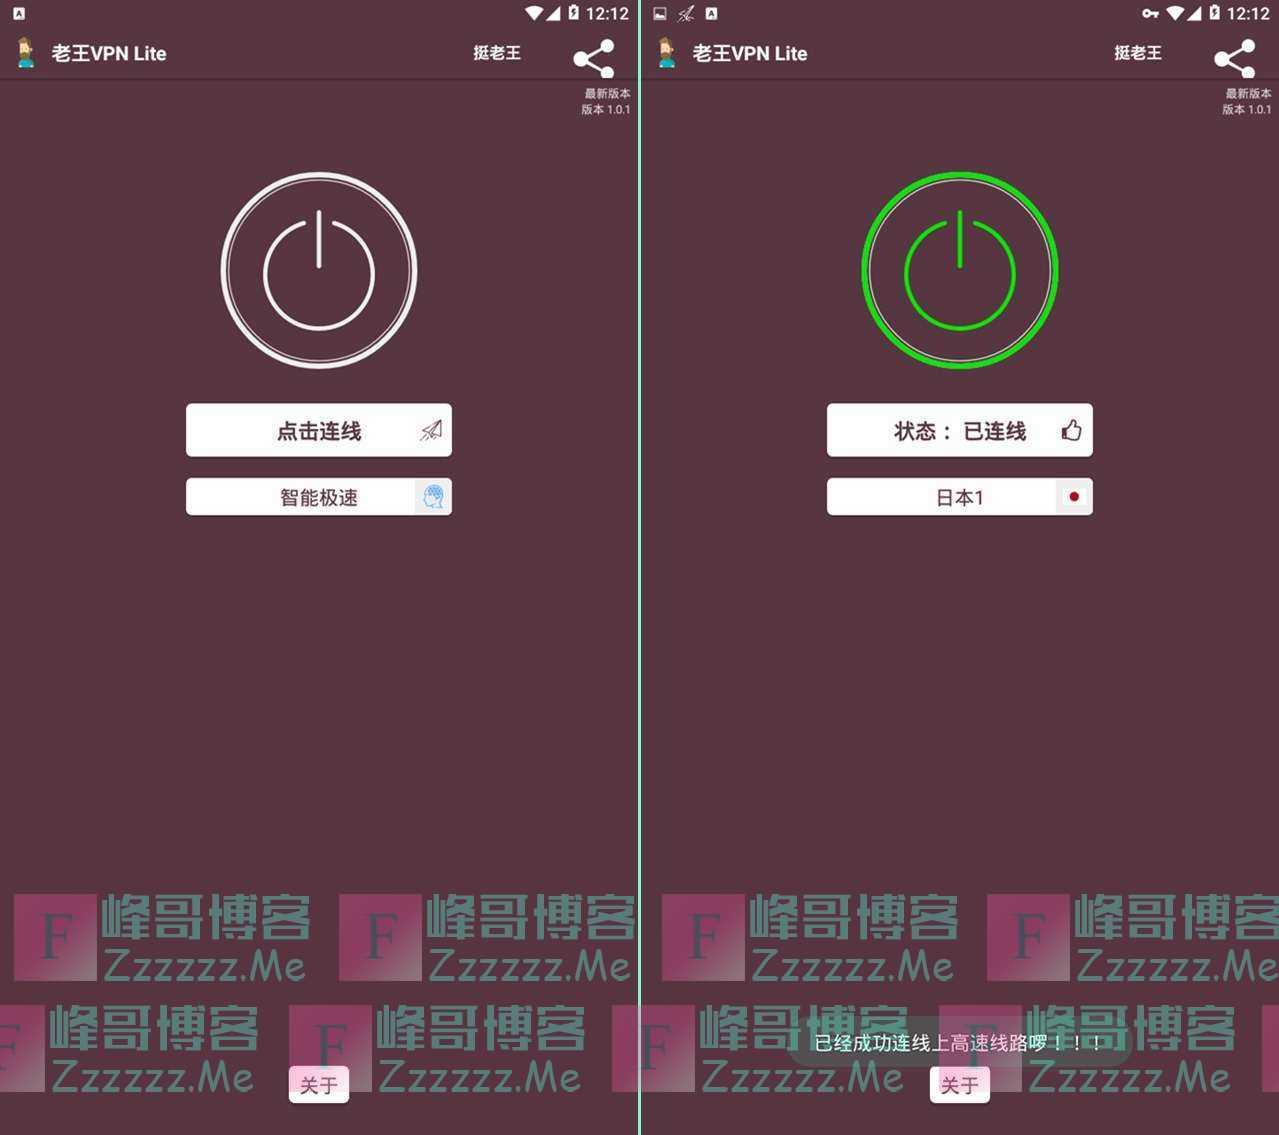 安卓老王加速器 Lite V1.0.2去广告绿色版 最新老王VP Lite下载